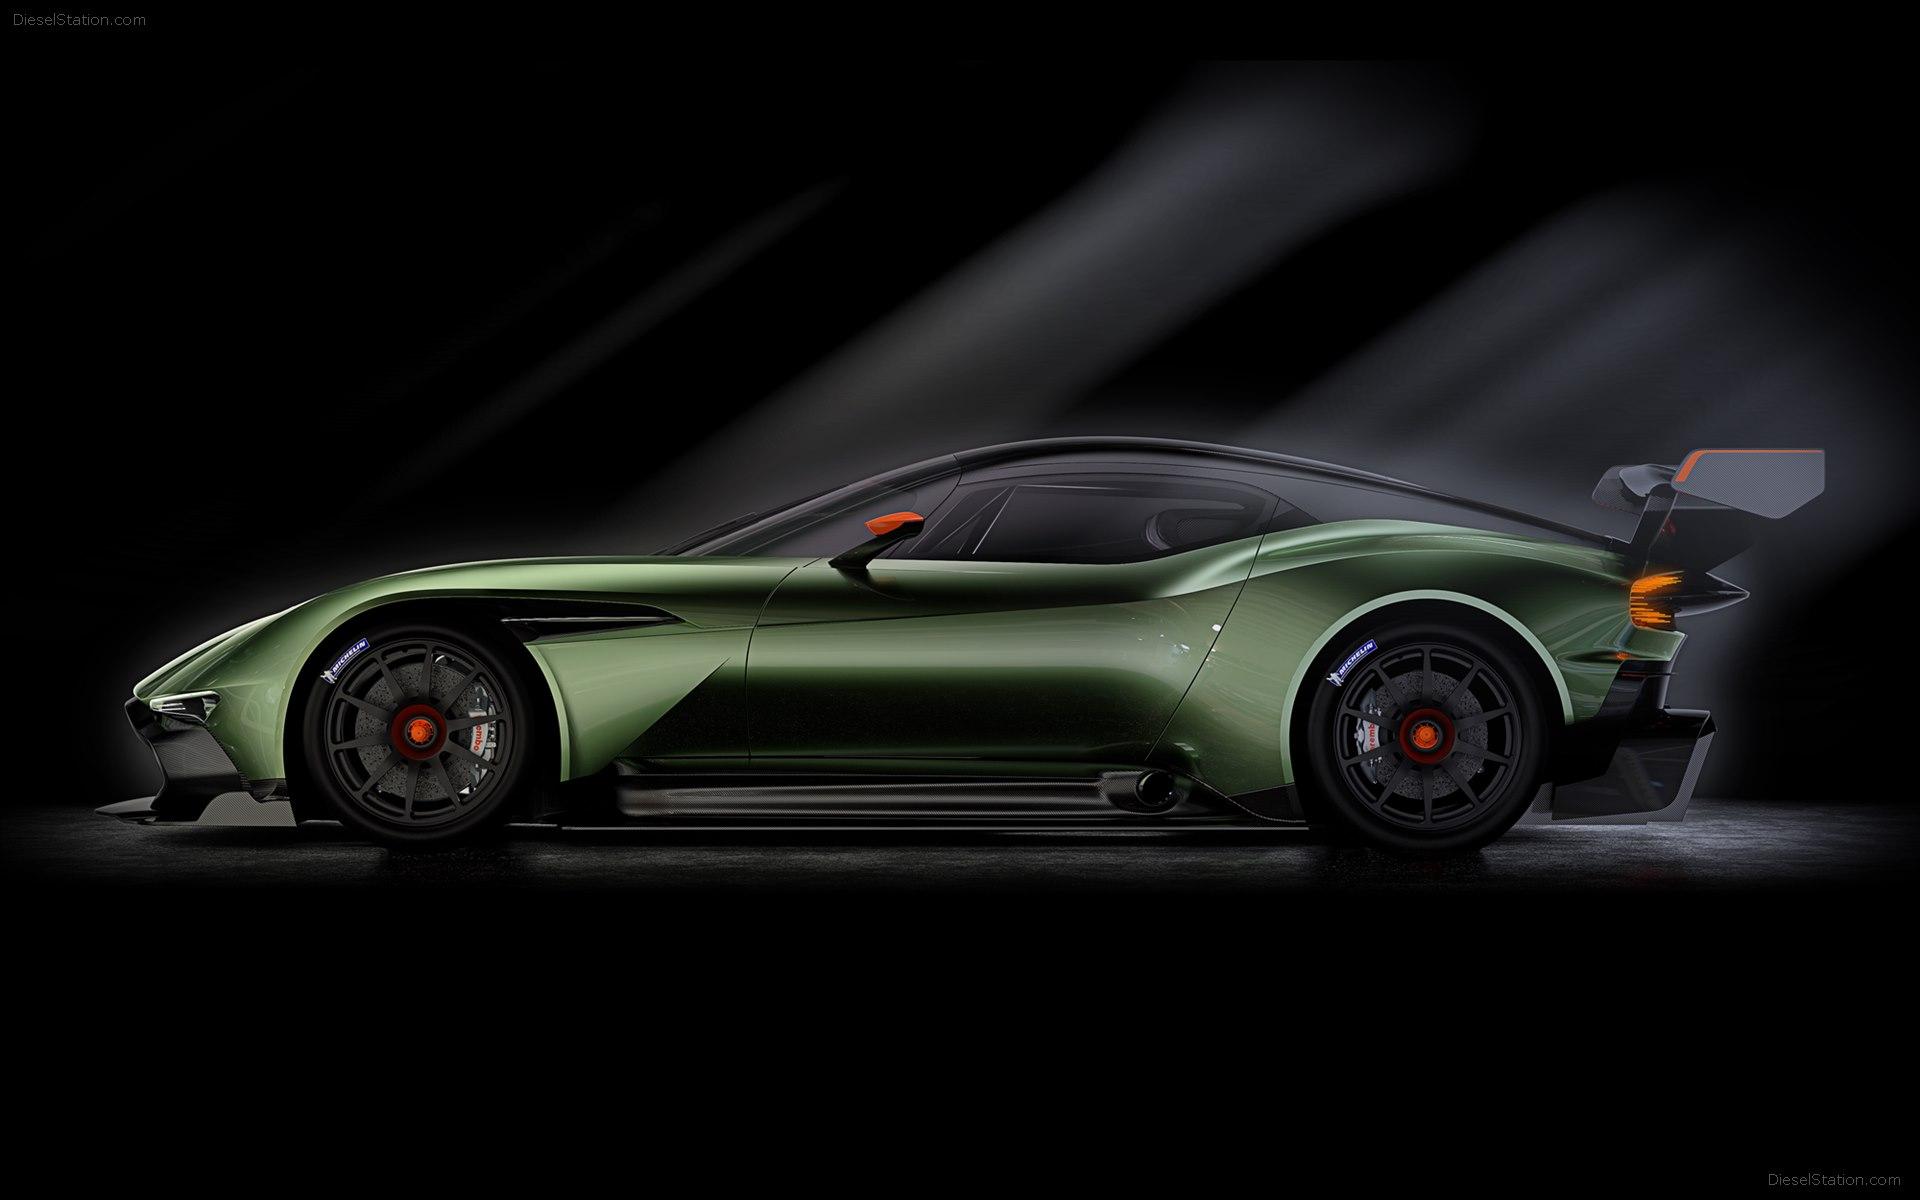 Schönes Konzept: #Aston #Martin #Vulcan